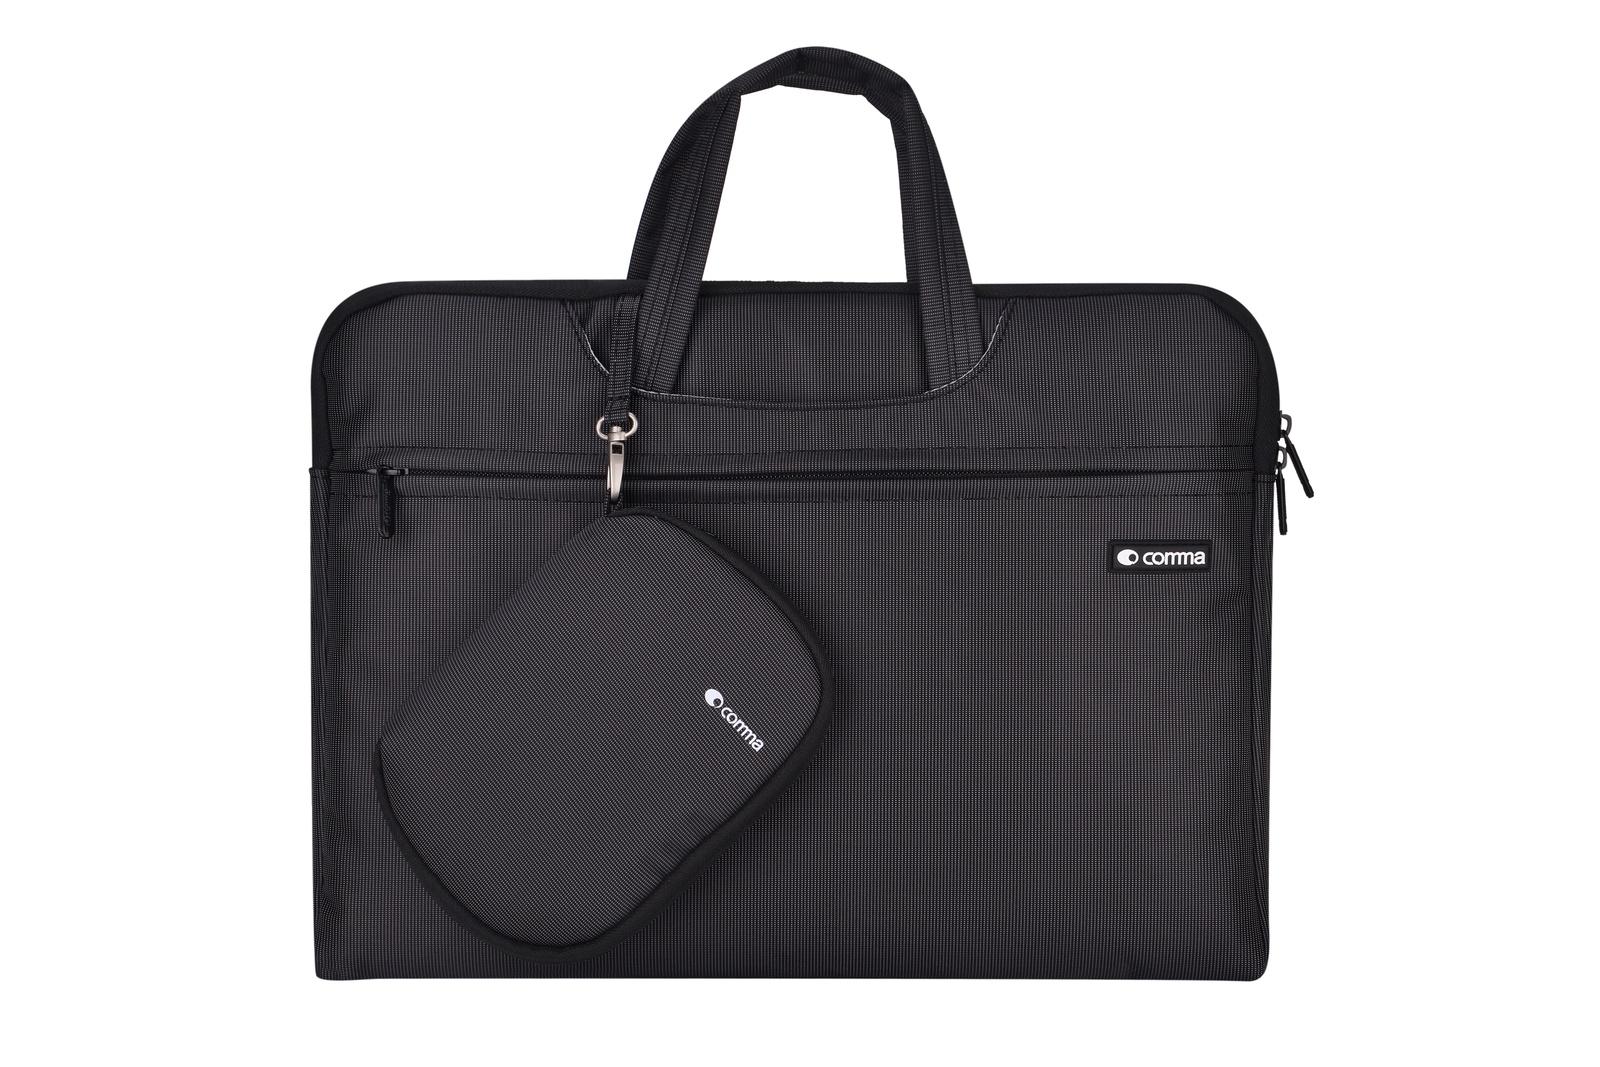 Сумка для ноутбука Comma Dexter Laptop Bag универсальная на 15,4 дюймов + коврик для мышки, черный ноутбуки 17 дюймовые